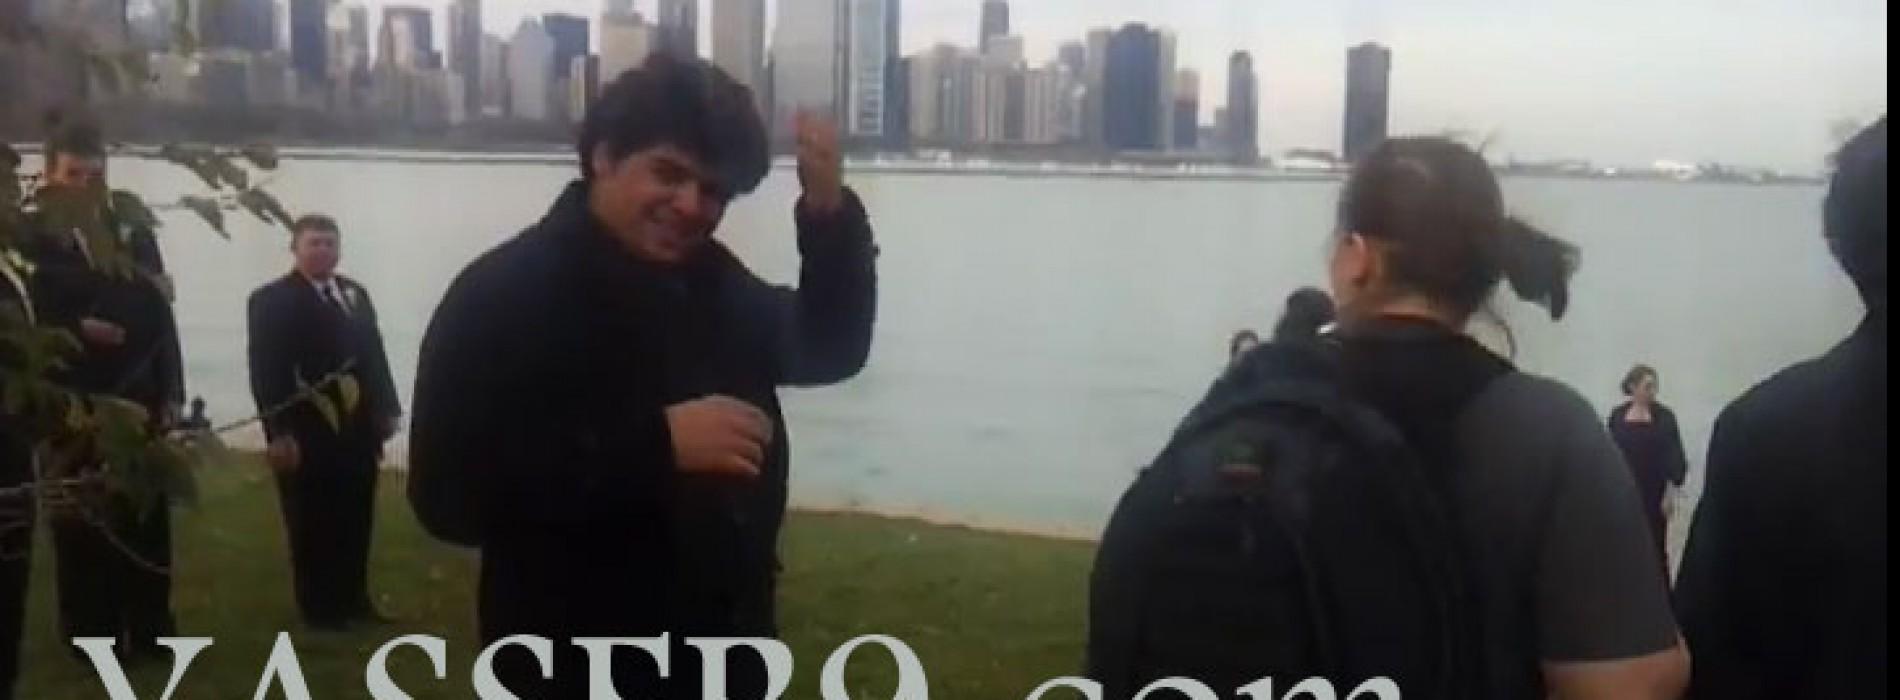 YouTube | مبتعثين سعوديين في عرس امريكي